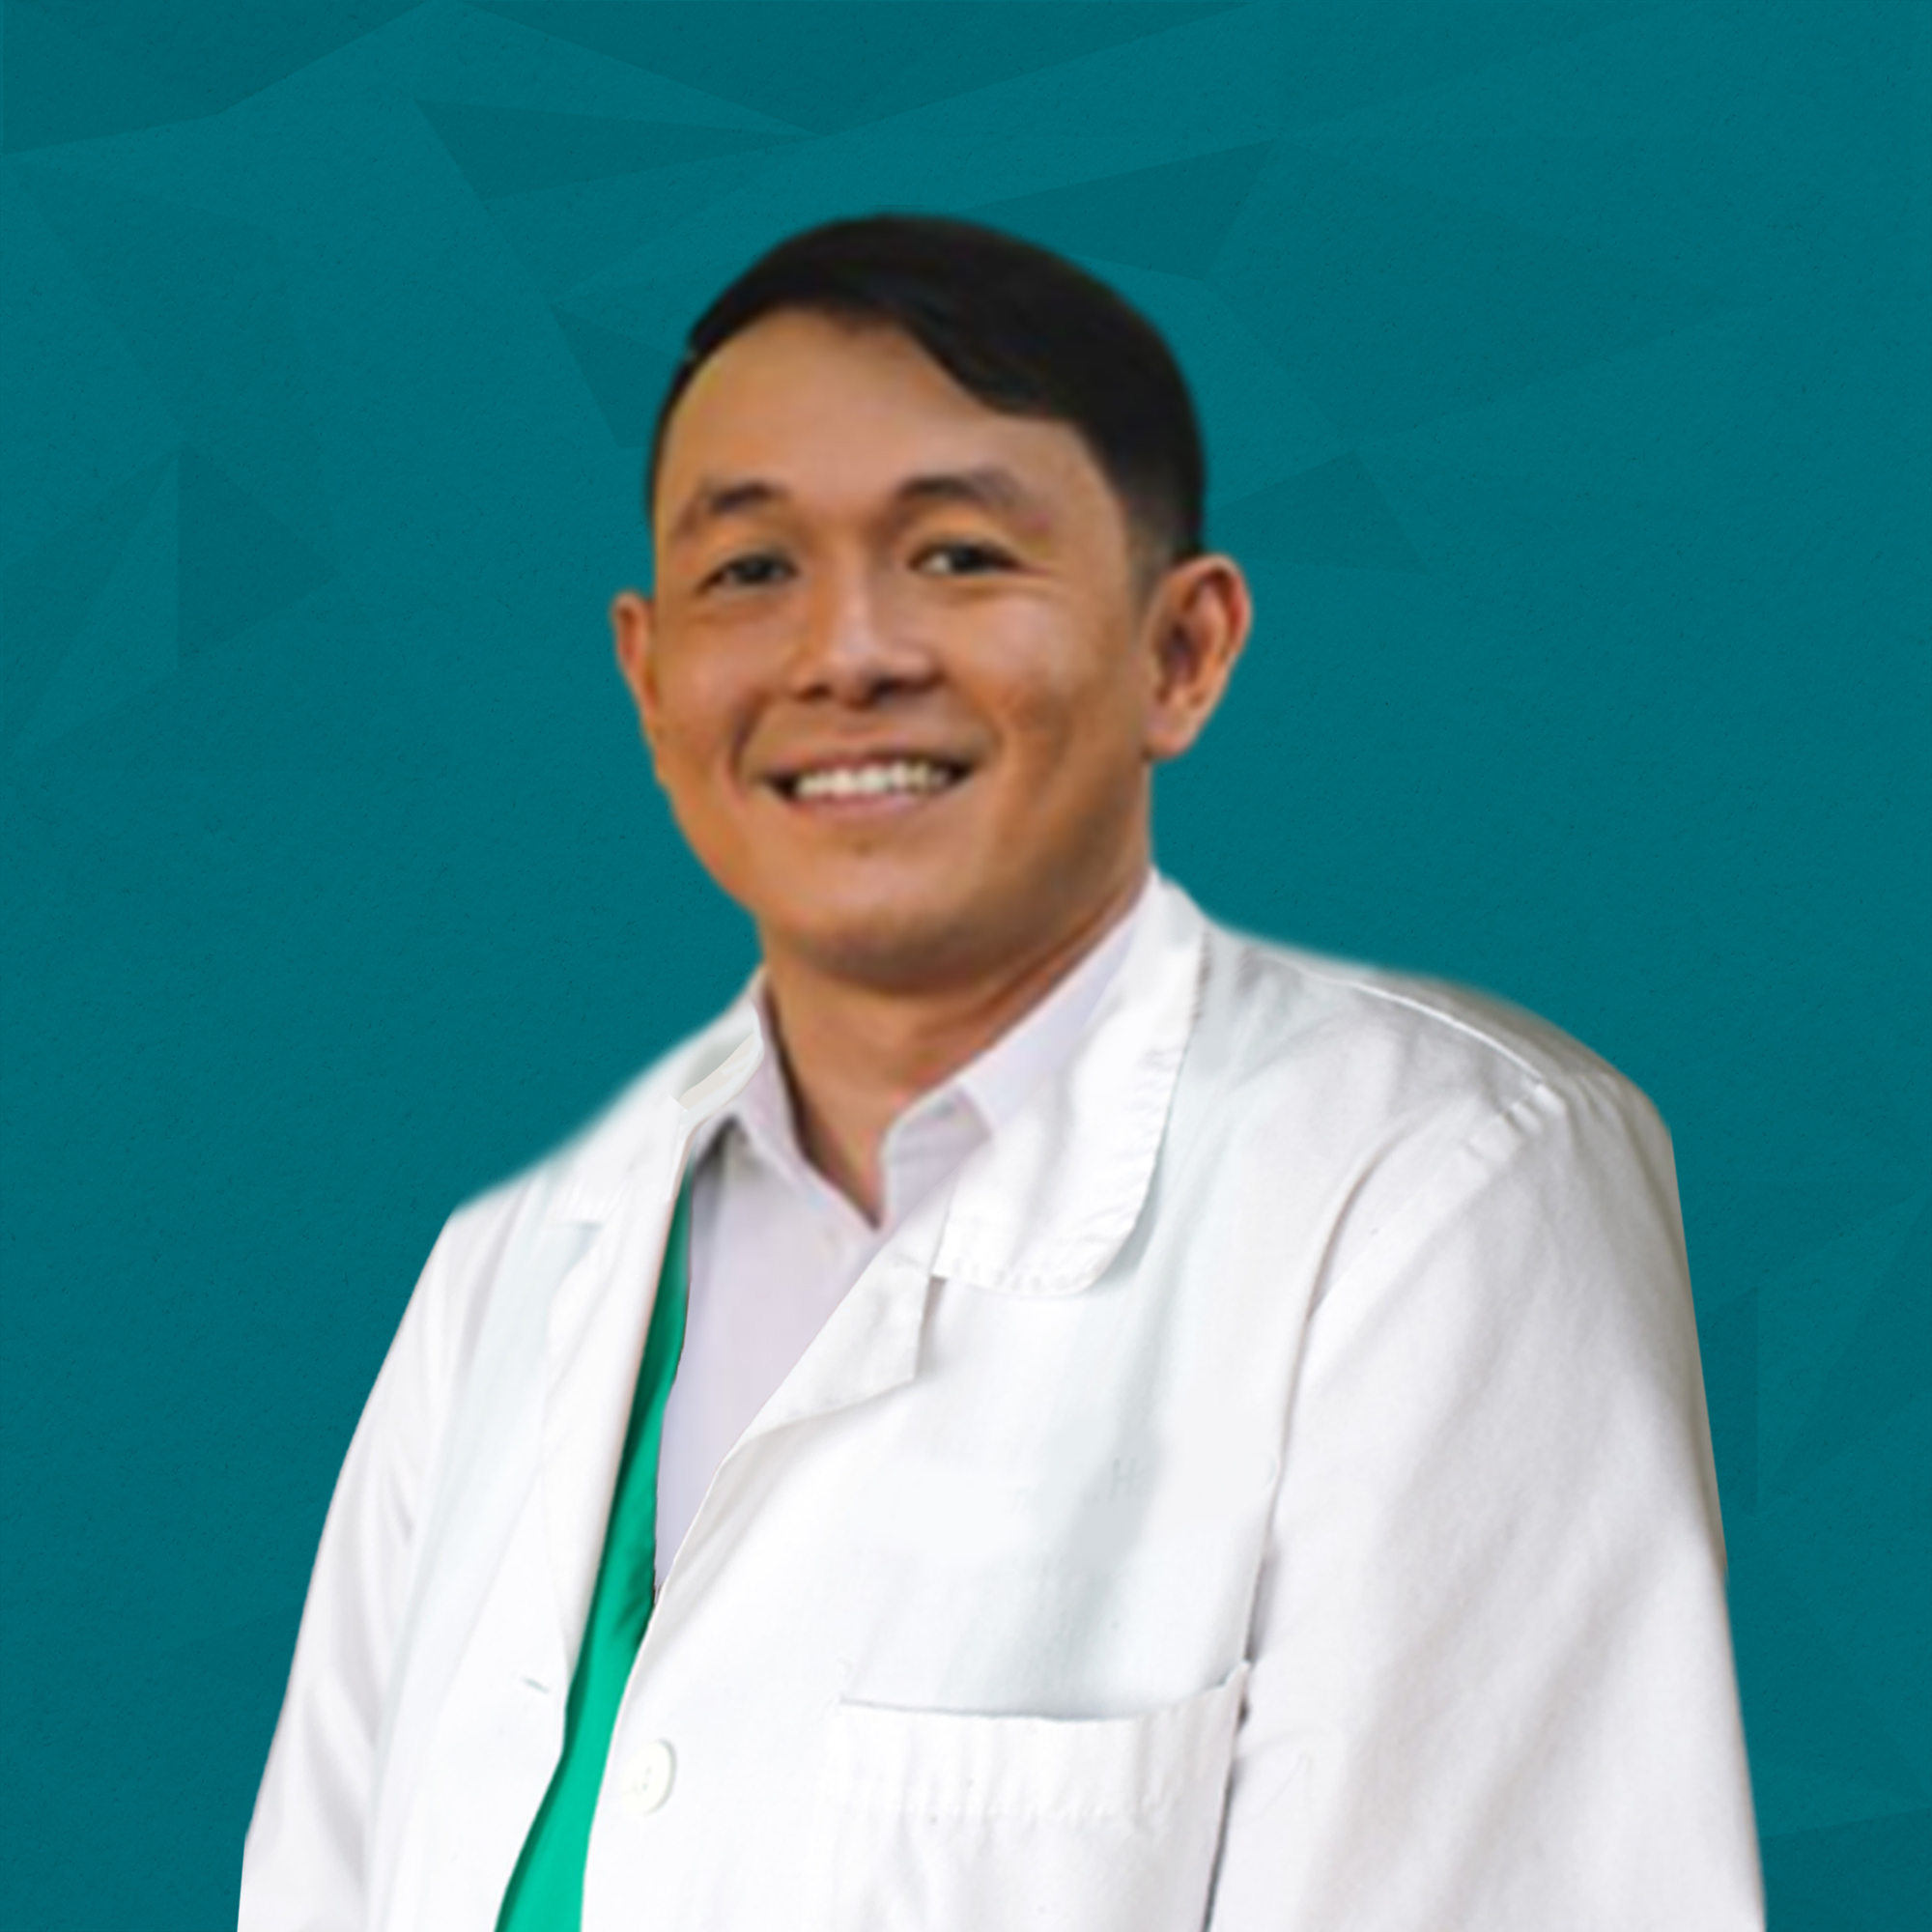 DR. RODRIGUEZ, MARK RAYMUND